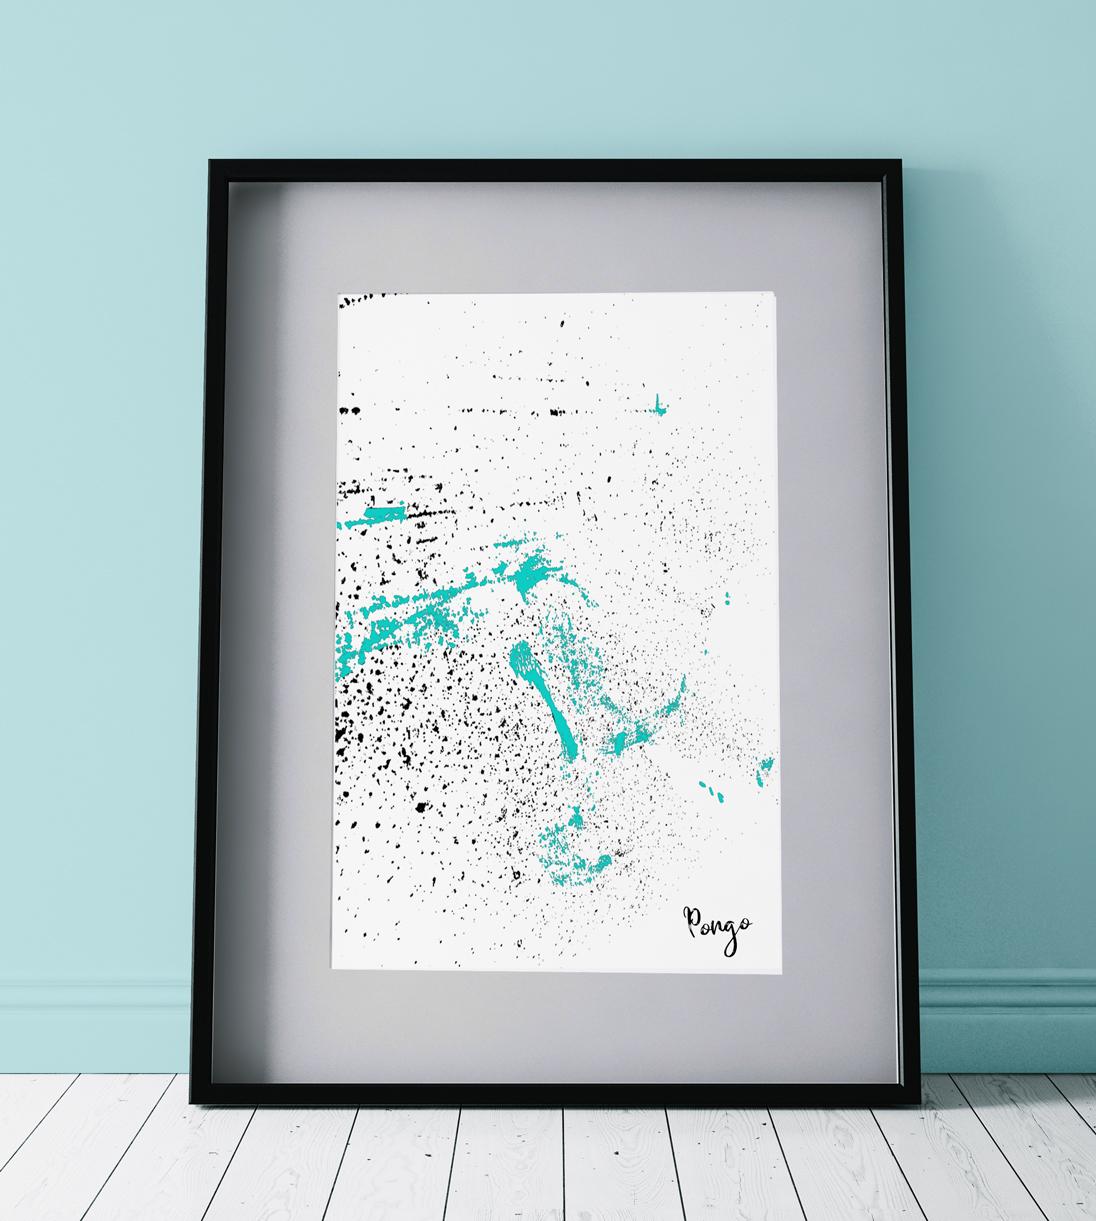 Pongo-ART